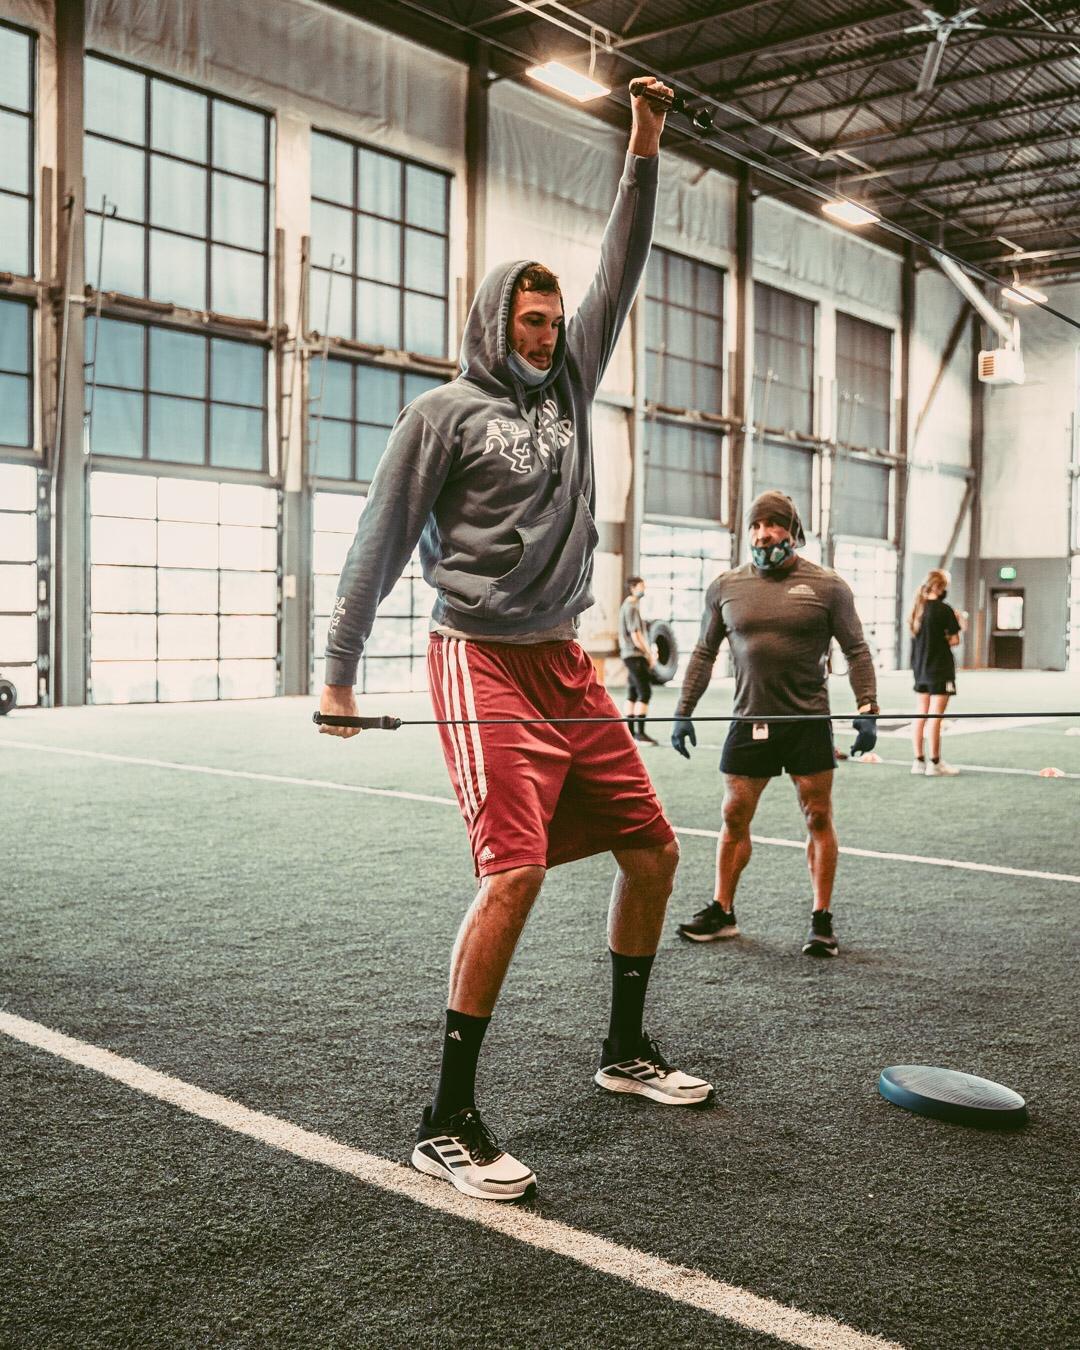 加里纳利更新推特发布在丹佛最新训练照:训练日